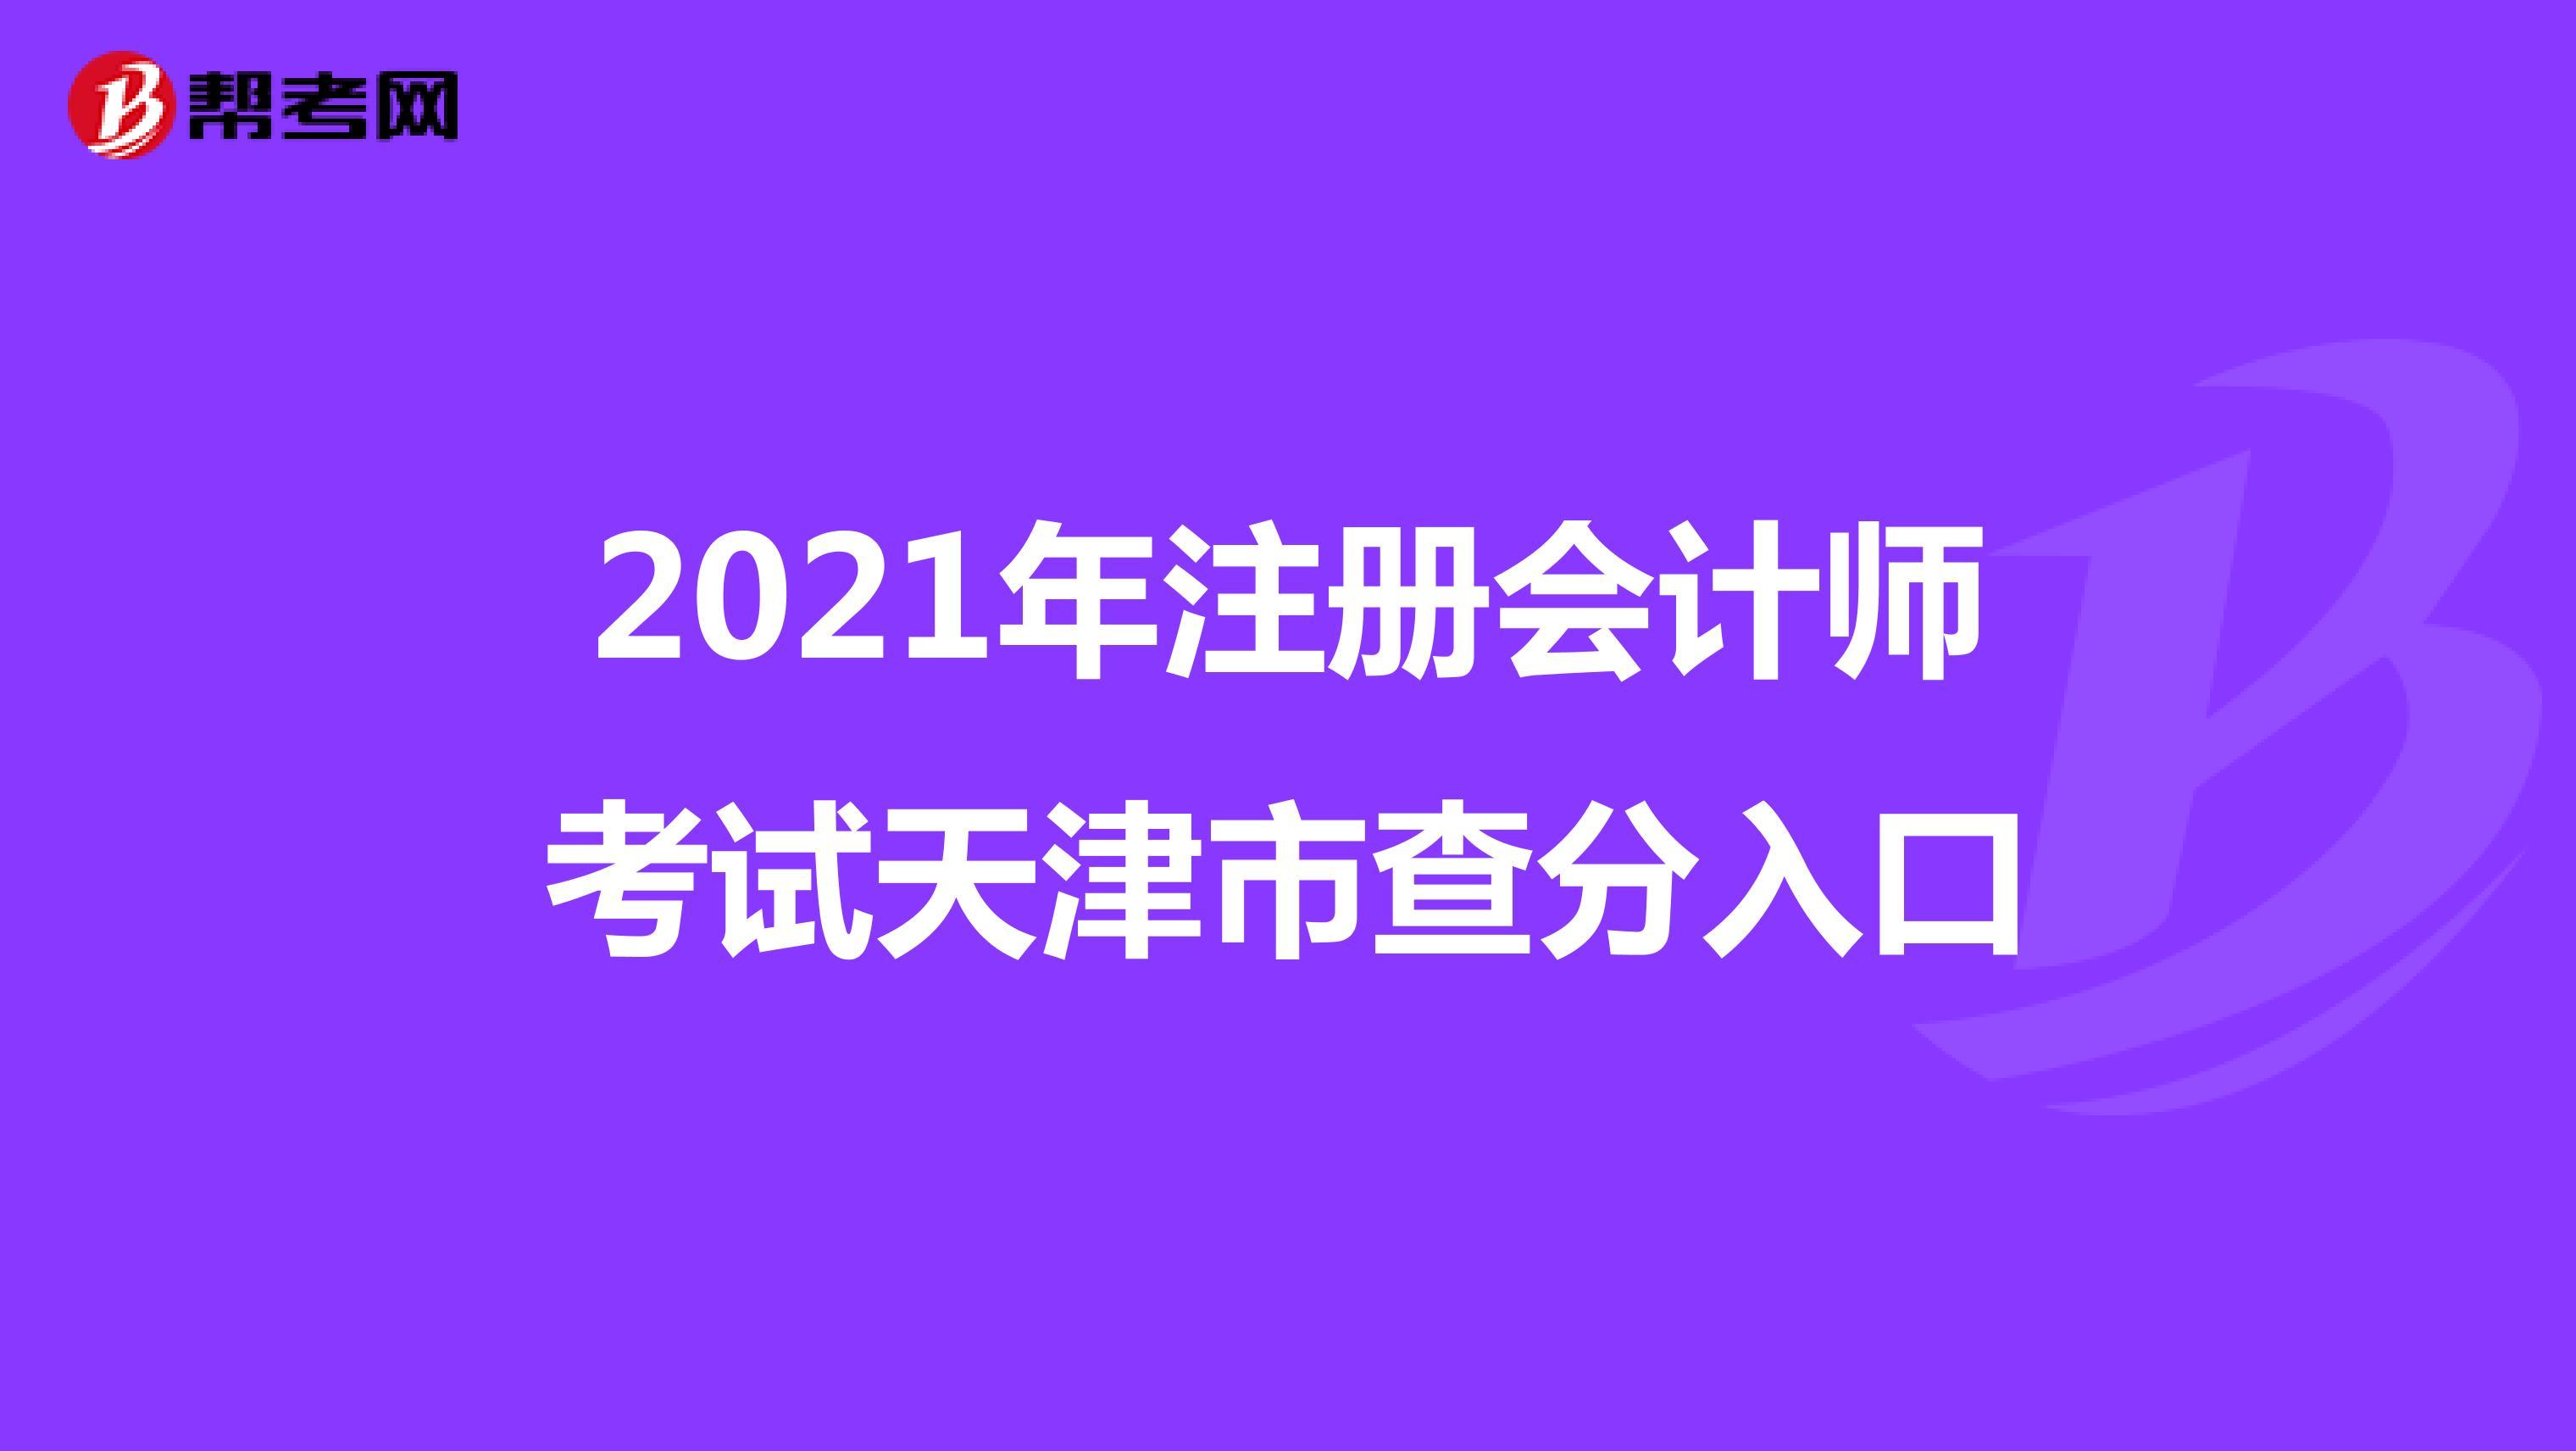 2021年【hot88热竞技提款】注册会计师考试天津市查分入口